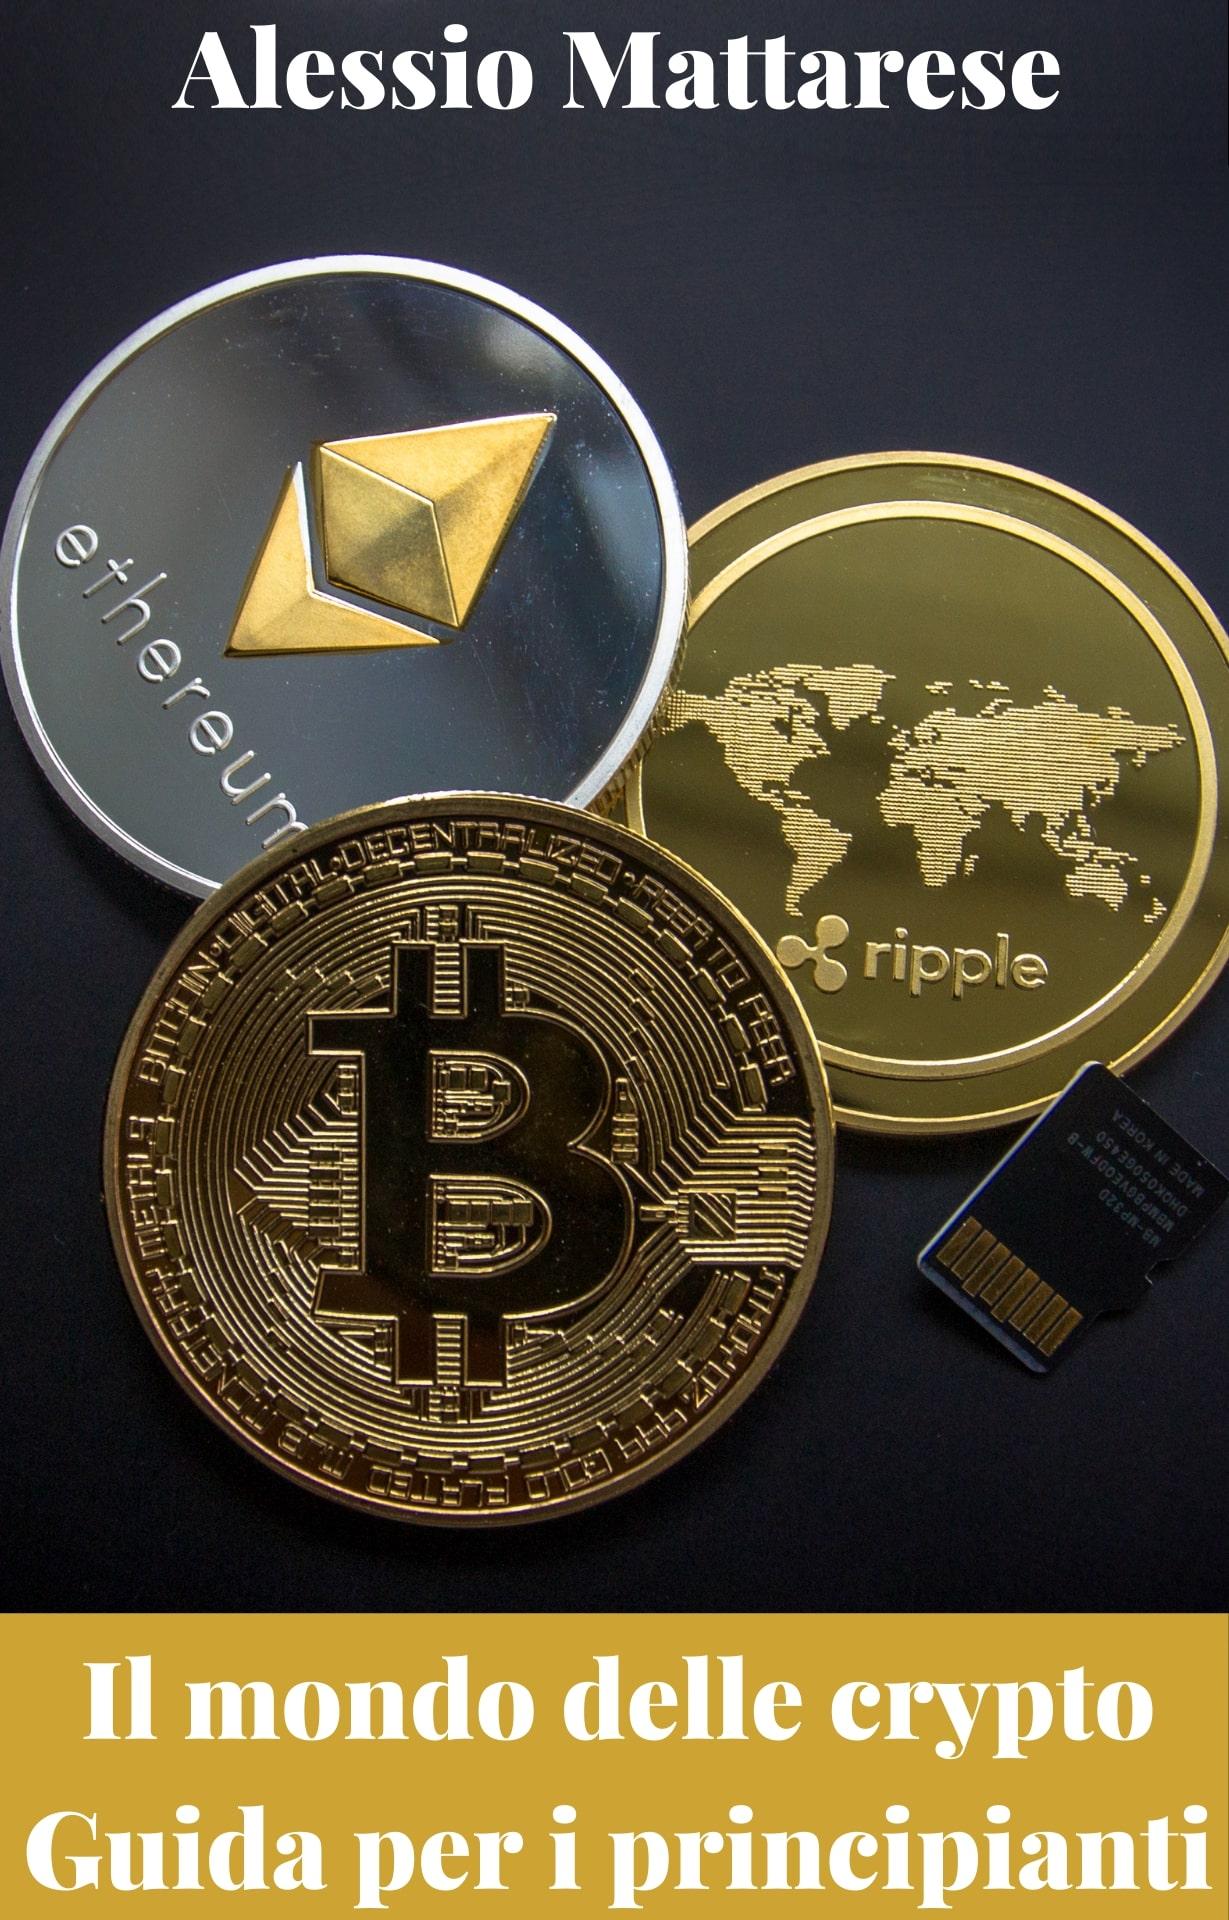 Il mondo delle crypto - Guida per principianti